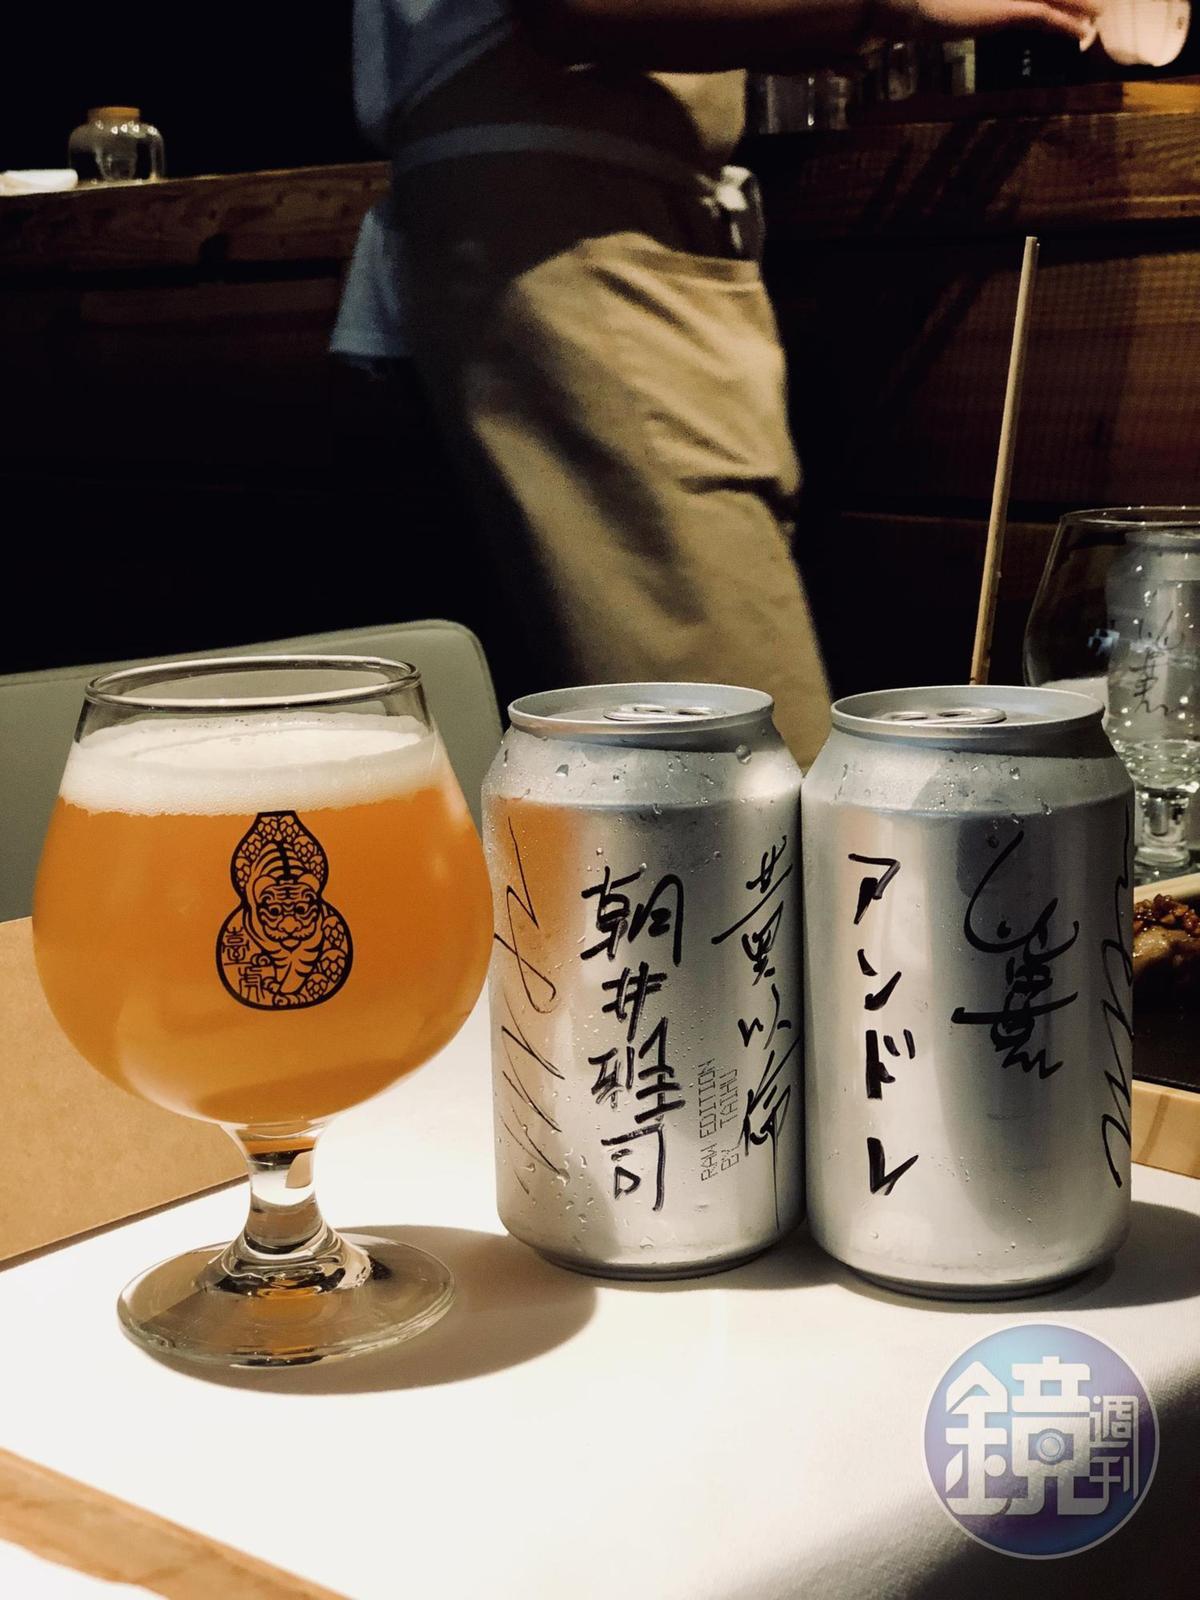 佐餐酒為「臺虎精釀」的紅心芭樂啤酒。